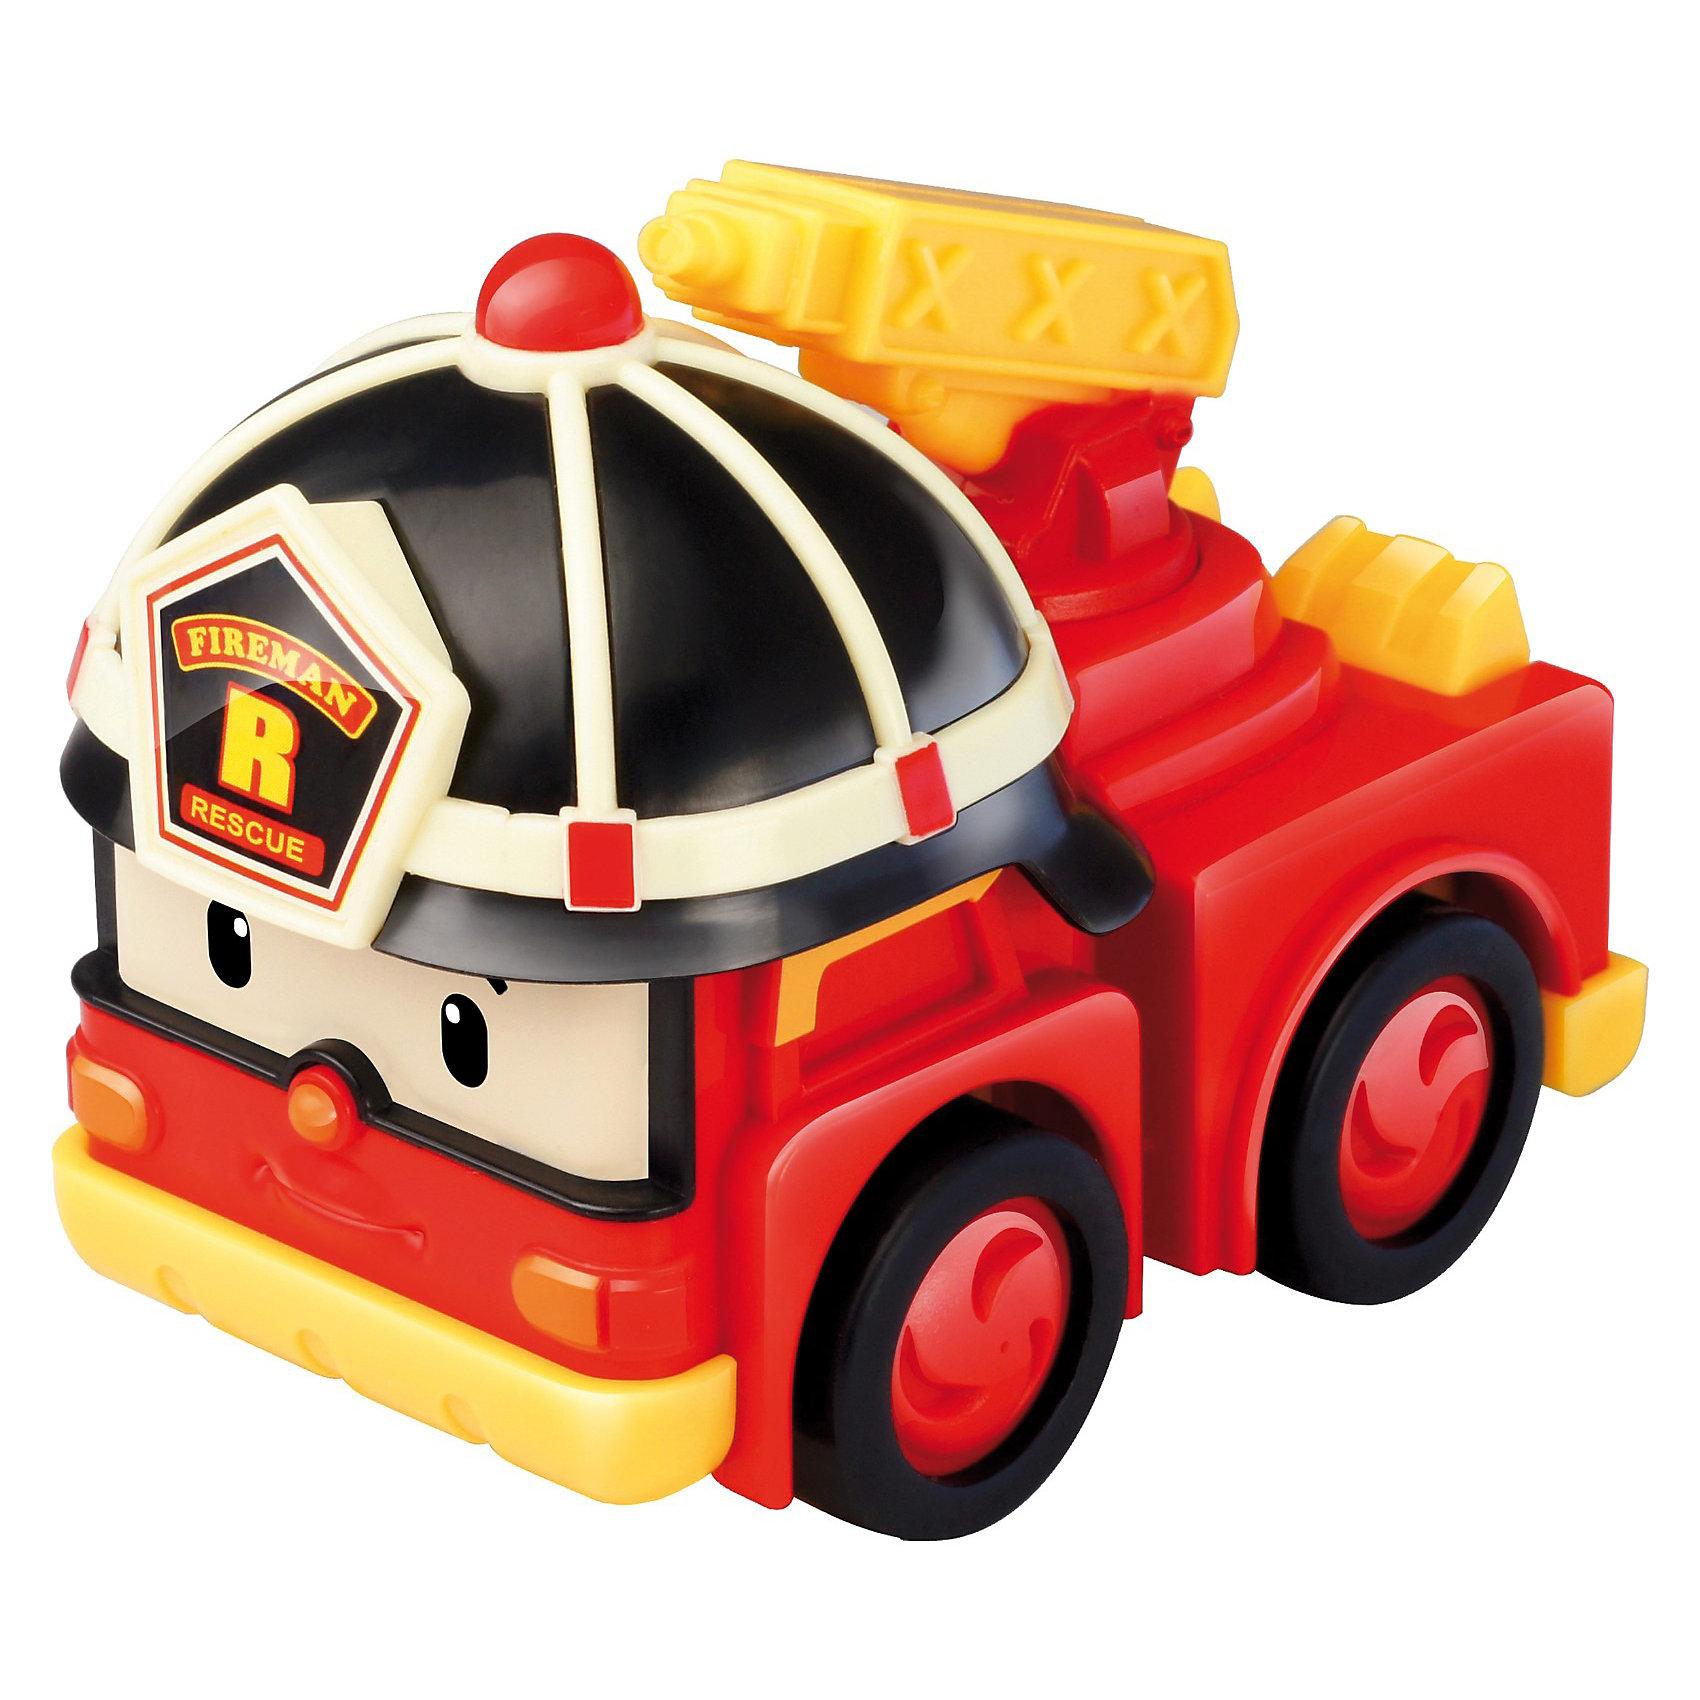 Игрушка Инерционная машинка Рой, Робокар ПолиИнерционная машинка Рой , Робокар Поли (Robocar Poli) персонаж супер команды спасателей мультсериала про полицейскую машинку-робота Поли и его друзей живущих в необычном городке Брумстаун, в котором машины живут наравне с людьми. Все машинки городка Брумстаун умеют говорить и у каждого героя есть свое дело. В этом городе все друг друга знают и все дружат. Именно, командная работа позволяет всем жителям городка справляться со всеми сложностями, выручать и поддерживать друг друга. <br>Пожарная машинка Рой (металлическая) - возможность пополнить коллекцию ребенка новым автомобильчиком. Отважный Рой всегда спешит на помощь и старается предотвратить чрезвычайную ситуацию, вызванную пожаром. Игрушка полностью отображает экранный образ храброго спасателя. Чтобы привести машинку в движение, нужно немного прижать ее, затем оттянуть назад и отпустить и она долго будет катиться по инерции.<br><br>Дополнительная информация: <br><br>- инерционная машинка  Рой безопасна для ребенка в возрасте от трех лет и старше: материалы, которые использовались при производстве игрушки, не вызывают у крохи аллергию и абсолютно нетоксичны;<br>- автомобиль отличается обтекаемым корпусом и полным отсутствием острых углов;<br>- материал: пластик;<br>- машинка очень красочная, основными оттенками являются красный и желтый;<br>- на корпусе автомобиля есть специальный знак, говорящий о соответствии игрушки европейским стандартам качества;<br>-  развивает: мелкую моторику рук и мышцы пальцев, координацию движений, фантазию и умение подражать, навык игры в коллективе;<br>- размер машинки: 7,5 см;<br>- размер упаковки: 12 х 13 х 7 см;<br>- вес игрушки  0,15 кг.<br><br>Инерционную машинку Рой , 6 см, Робокар Поли (Robocar Poli)  Вы можете купить в нашем интернет-магазине.<br><br>Ширина мм: 120<br>Глубина мм: 130<br>Высота мм: 70<br>Вес г: 152<br>Возраст от месяцев: 36<br>Возраст до месяцев: 84<br>Пол: Мужской<br>Возраст: Детский<br>SKU: 3526766